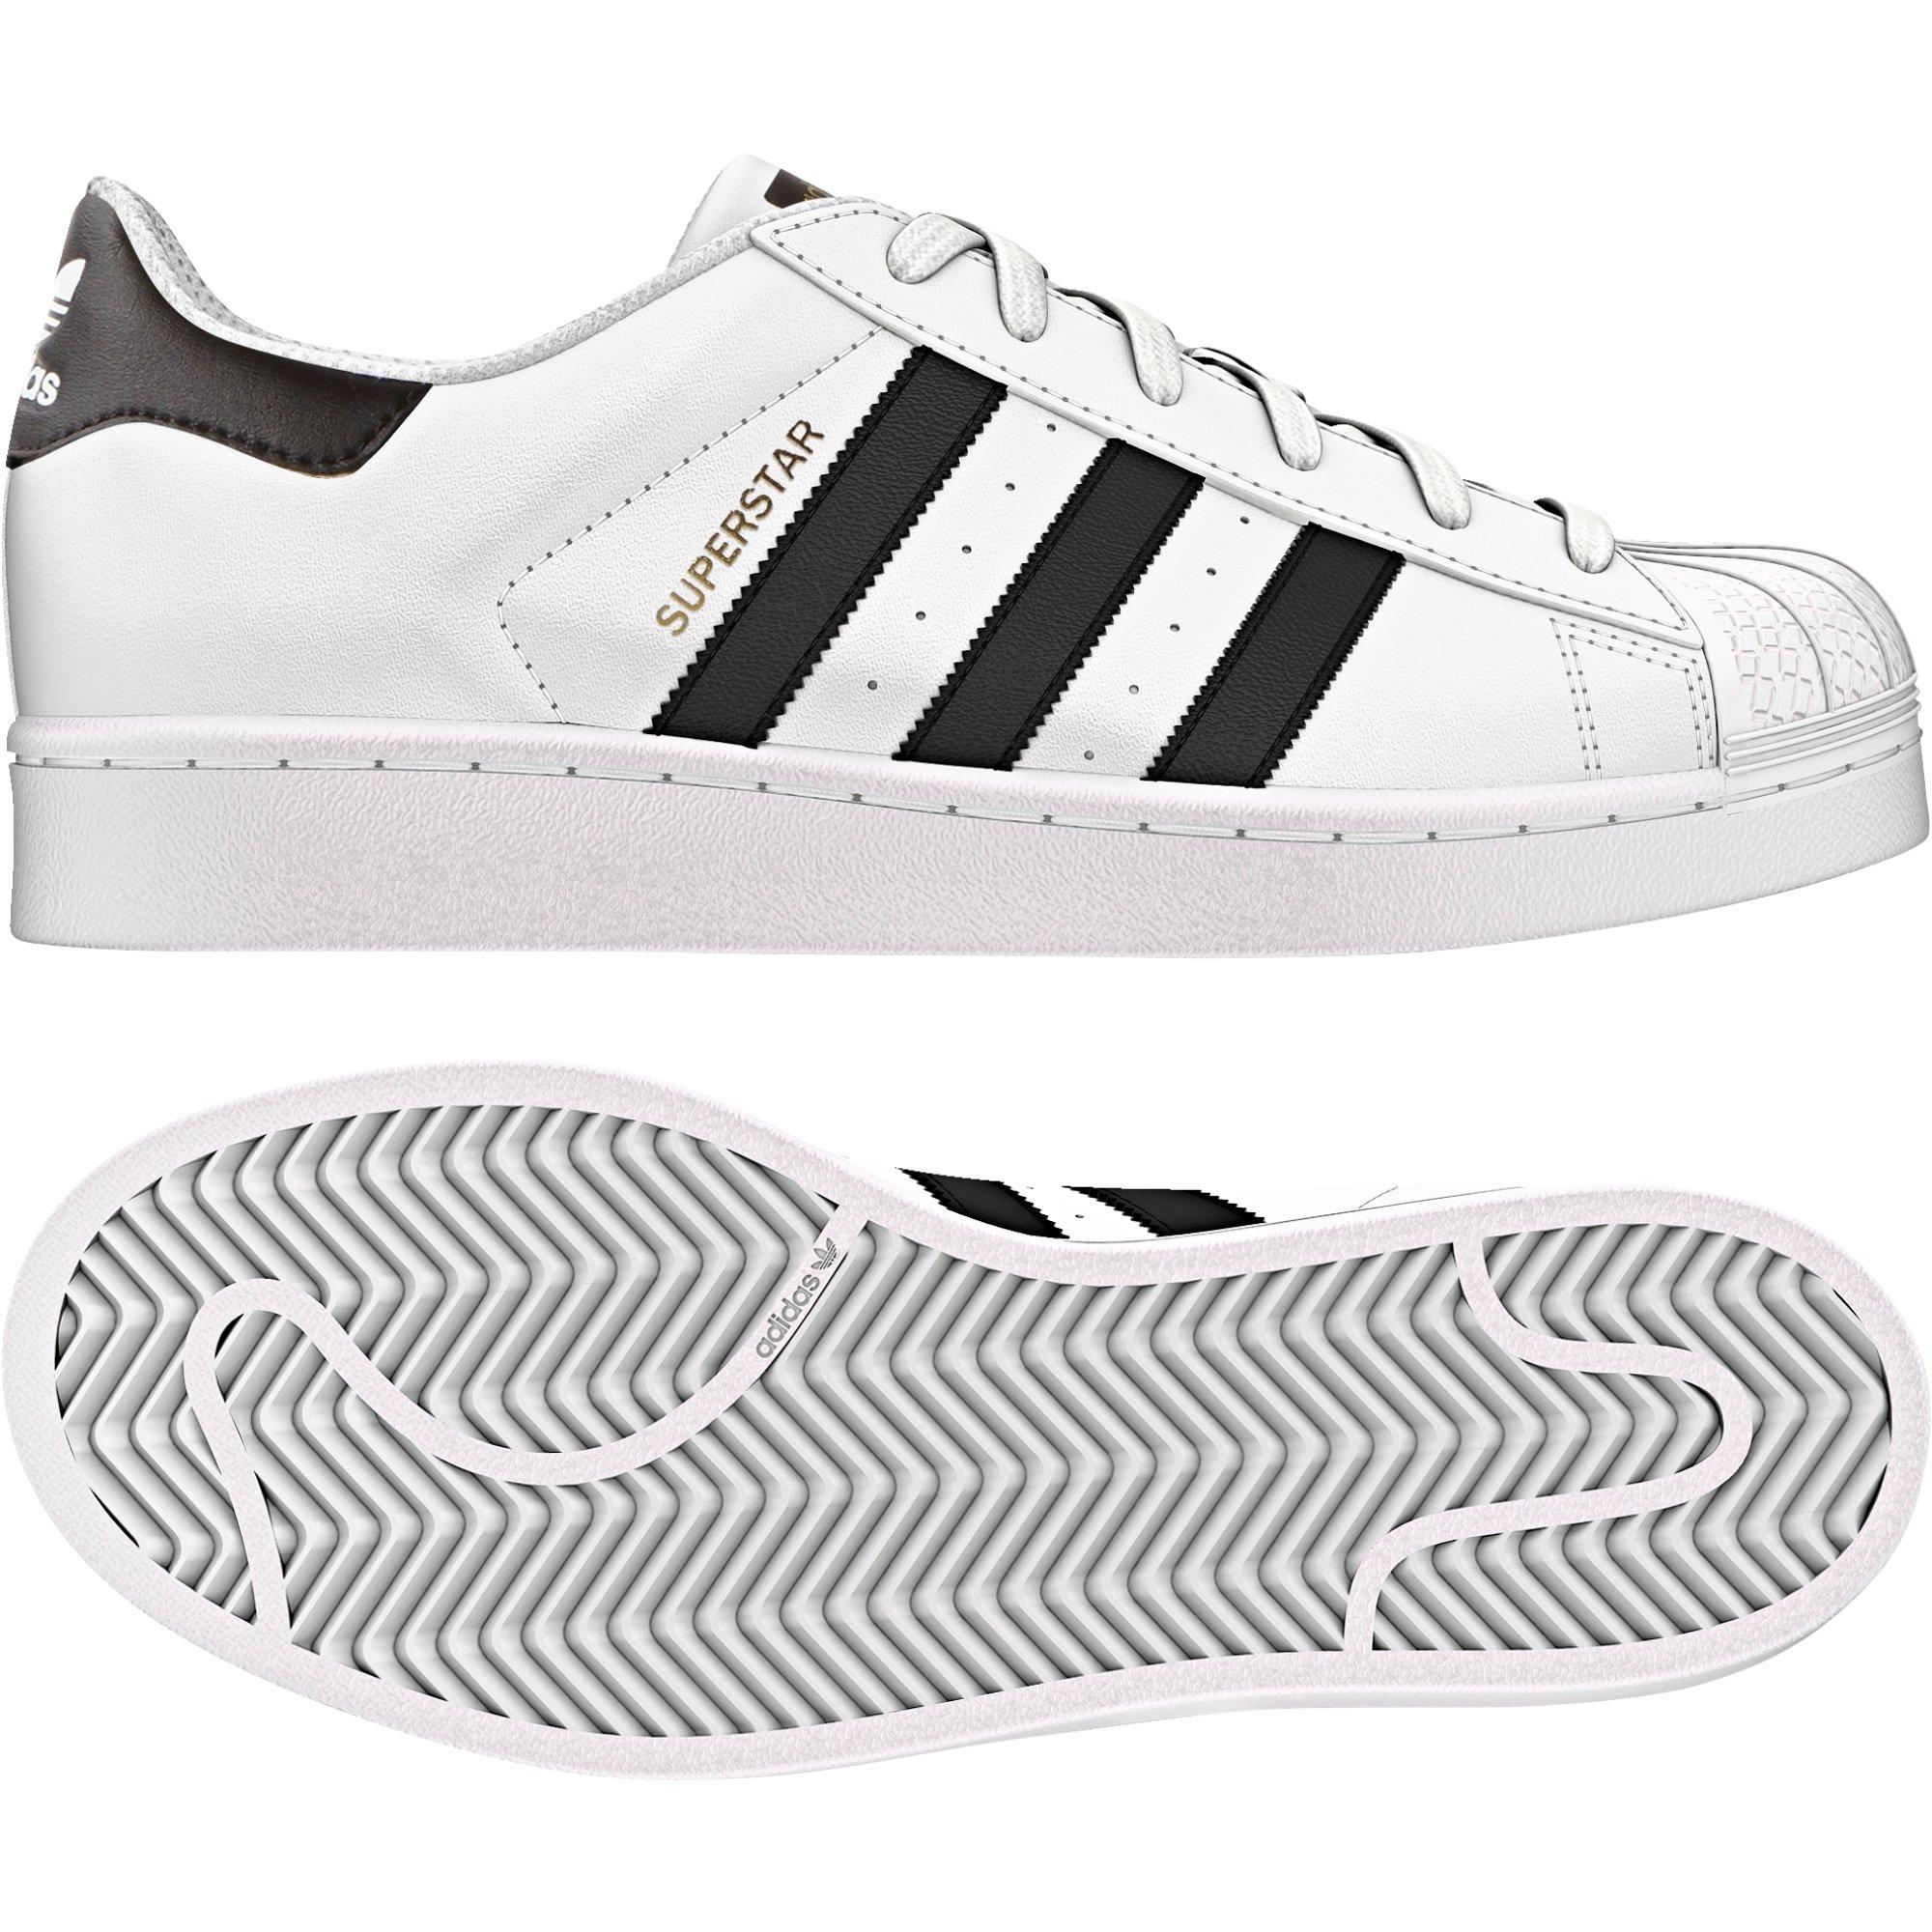 717046178 buty damskie adidas Superstar r 37 1/3 C77154 - 7006104244 ...